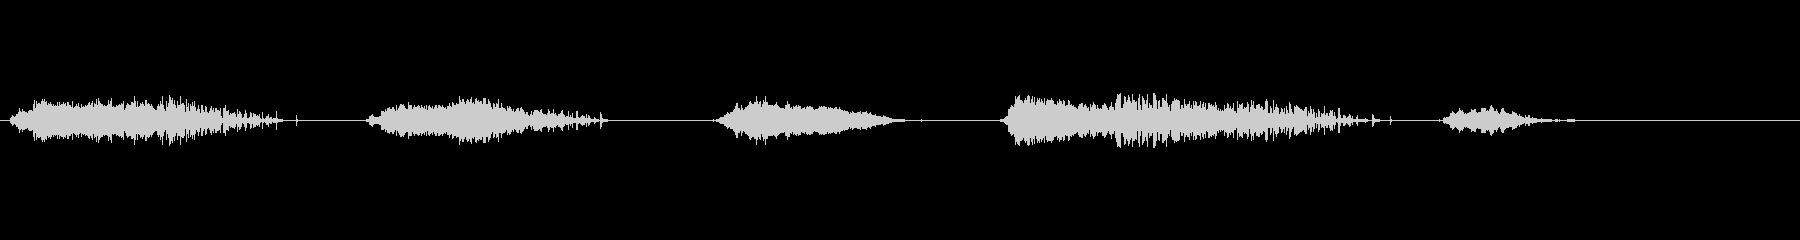 群集(40);ミディアム/ Lgバ...の未再生の波形